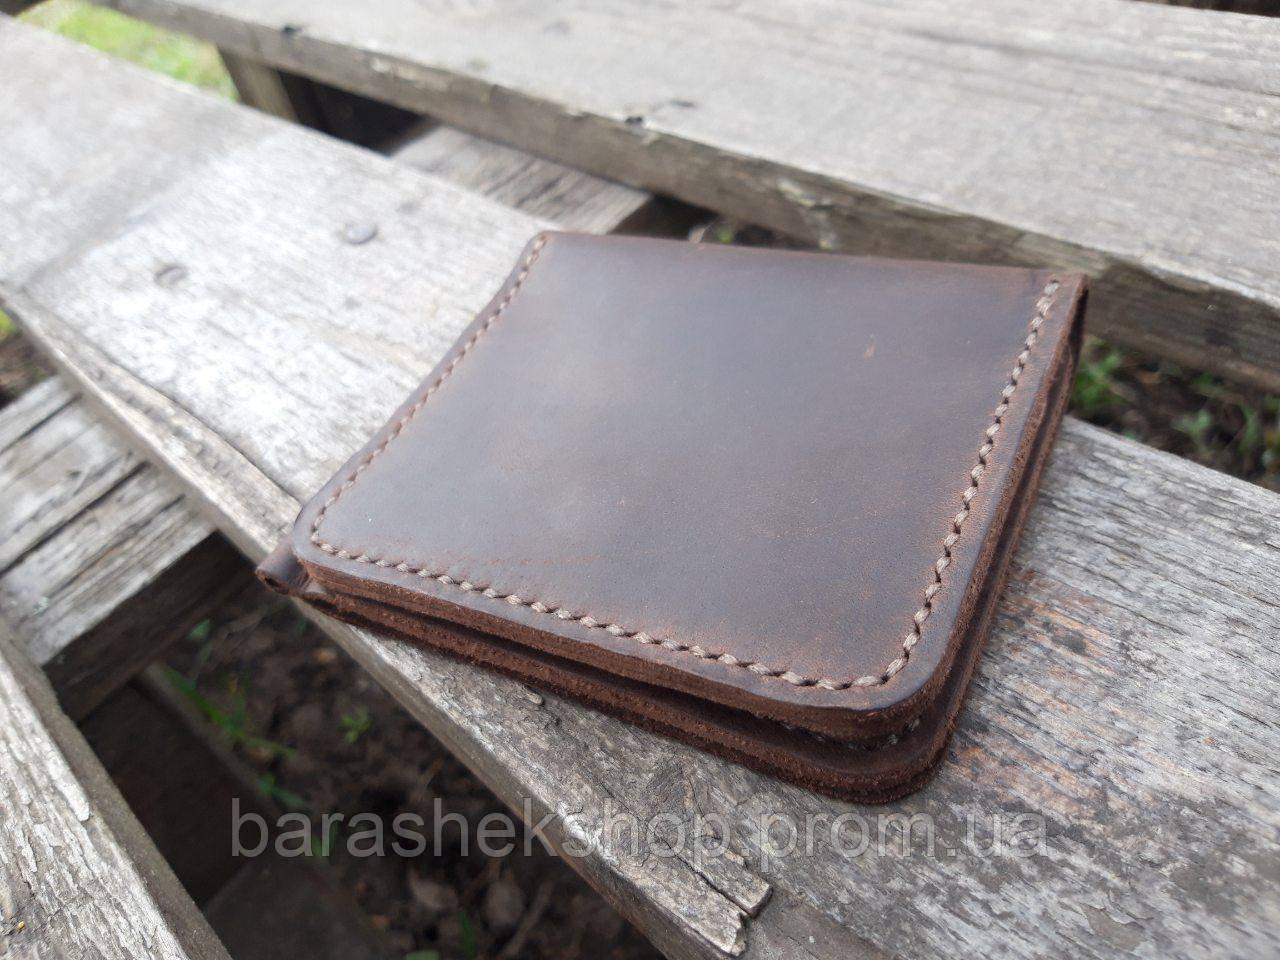 1839b450b70b Зажим для денег New York с фиксатором - Мастерская кожаных изделий